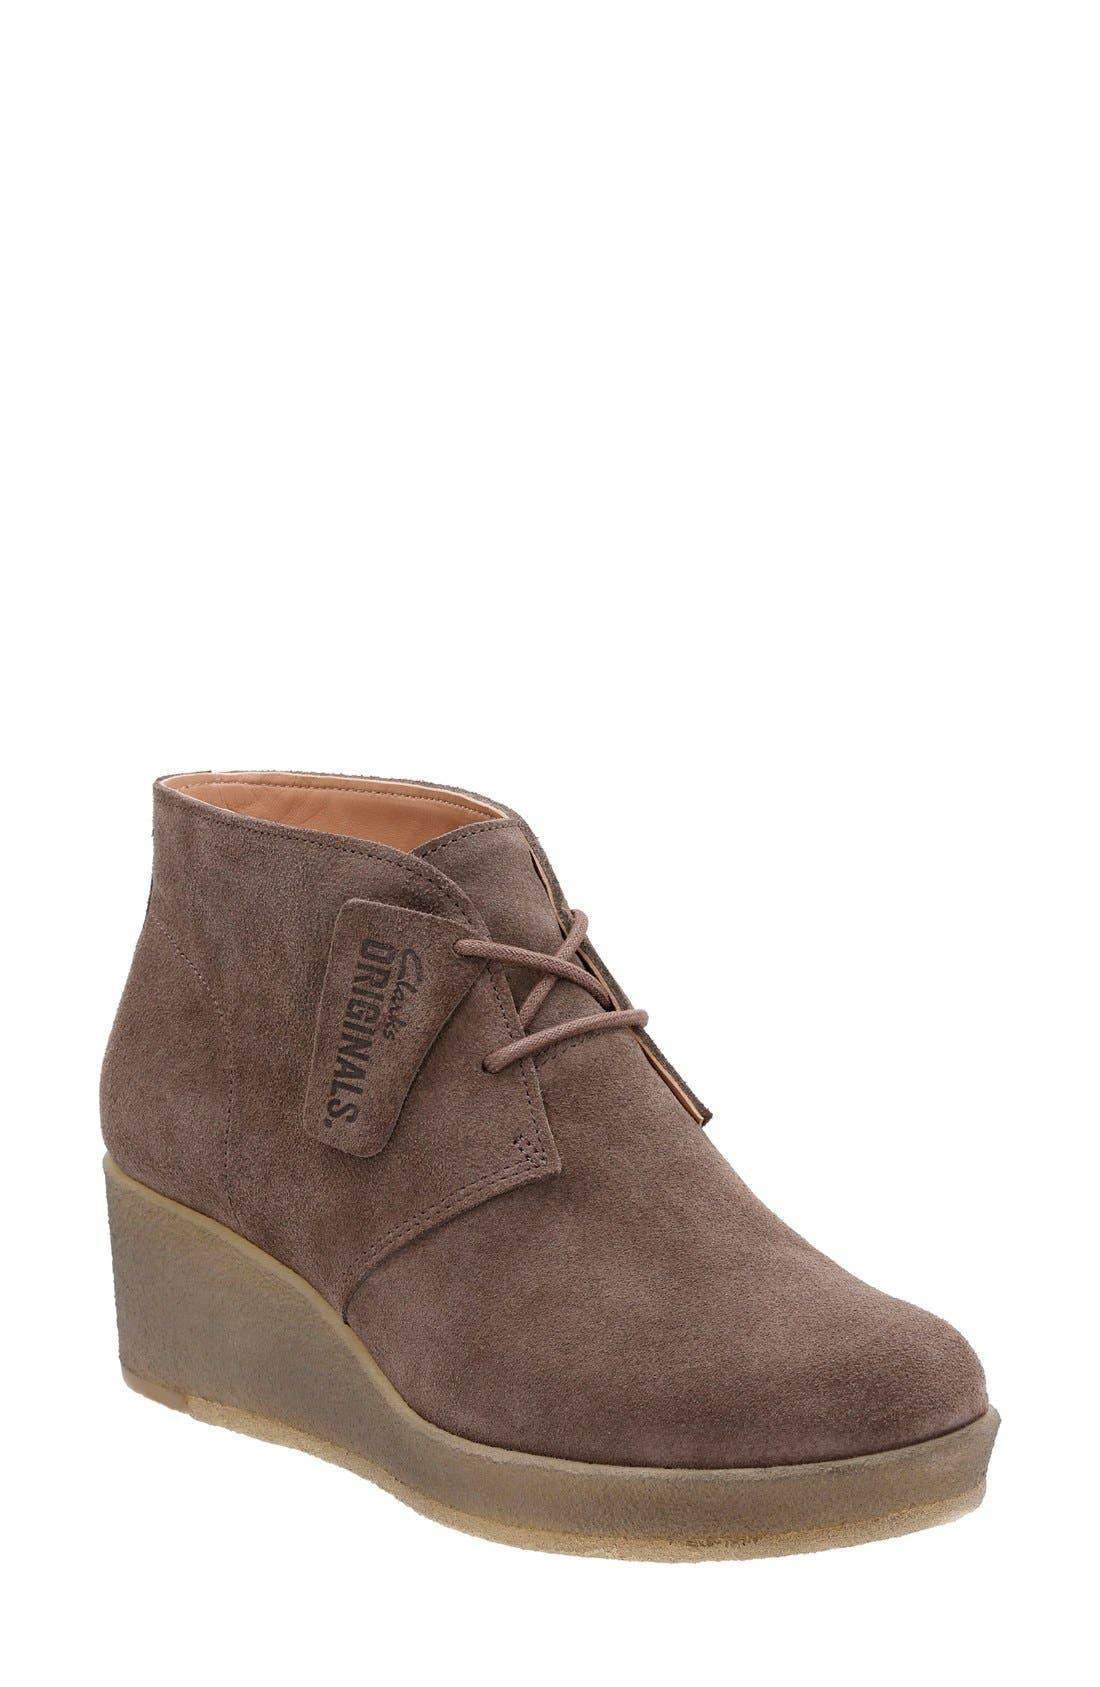 Originals 'Athie Terra' Wedge Boot,                         Main,                         color, Dark Taupe Suede